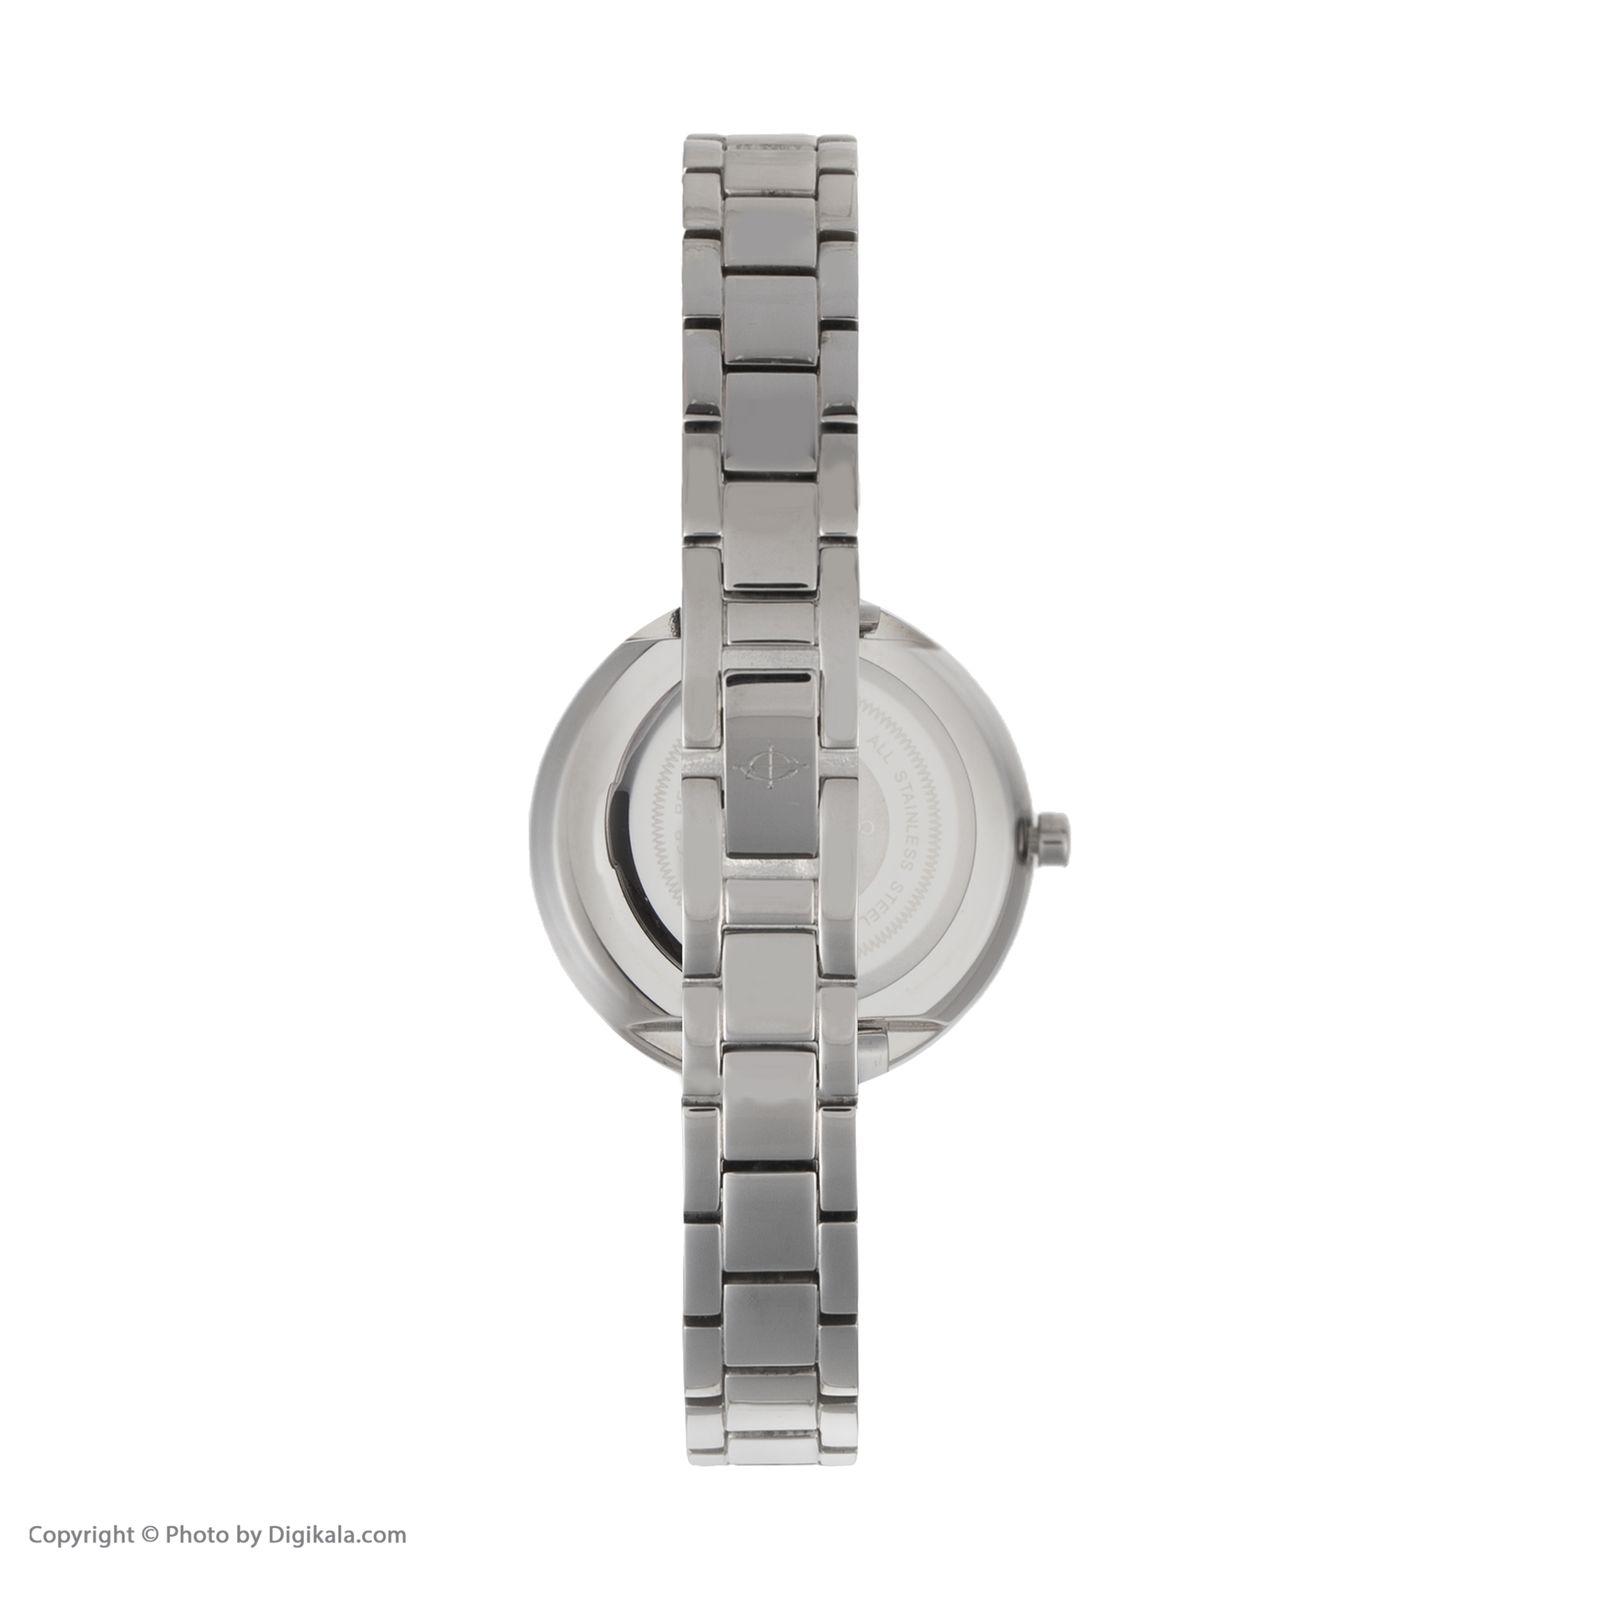 ساعت مچی عقربه ای زنانه کنتیننتال مدل 17002-LT101571 -  - 3